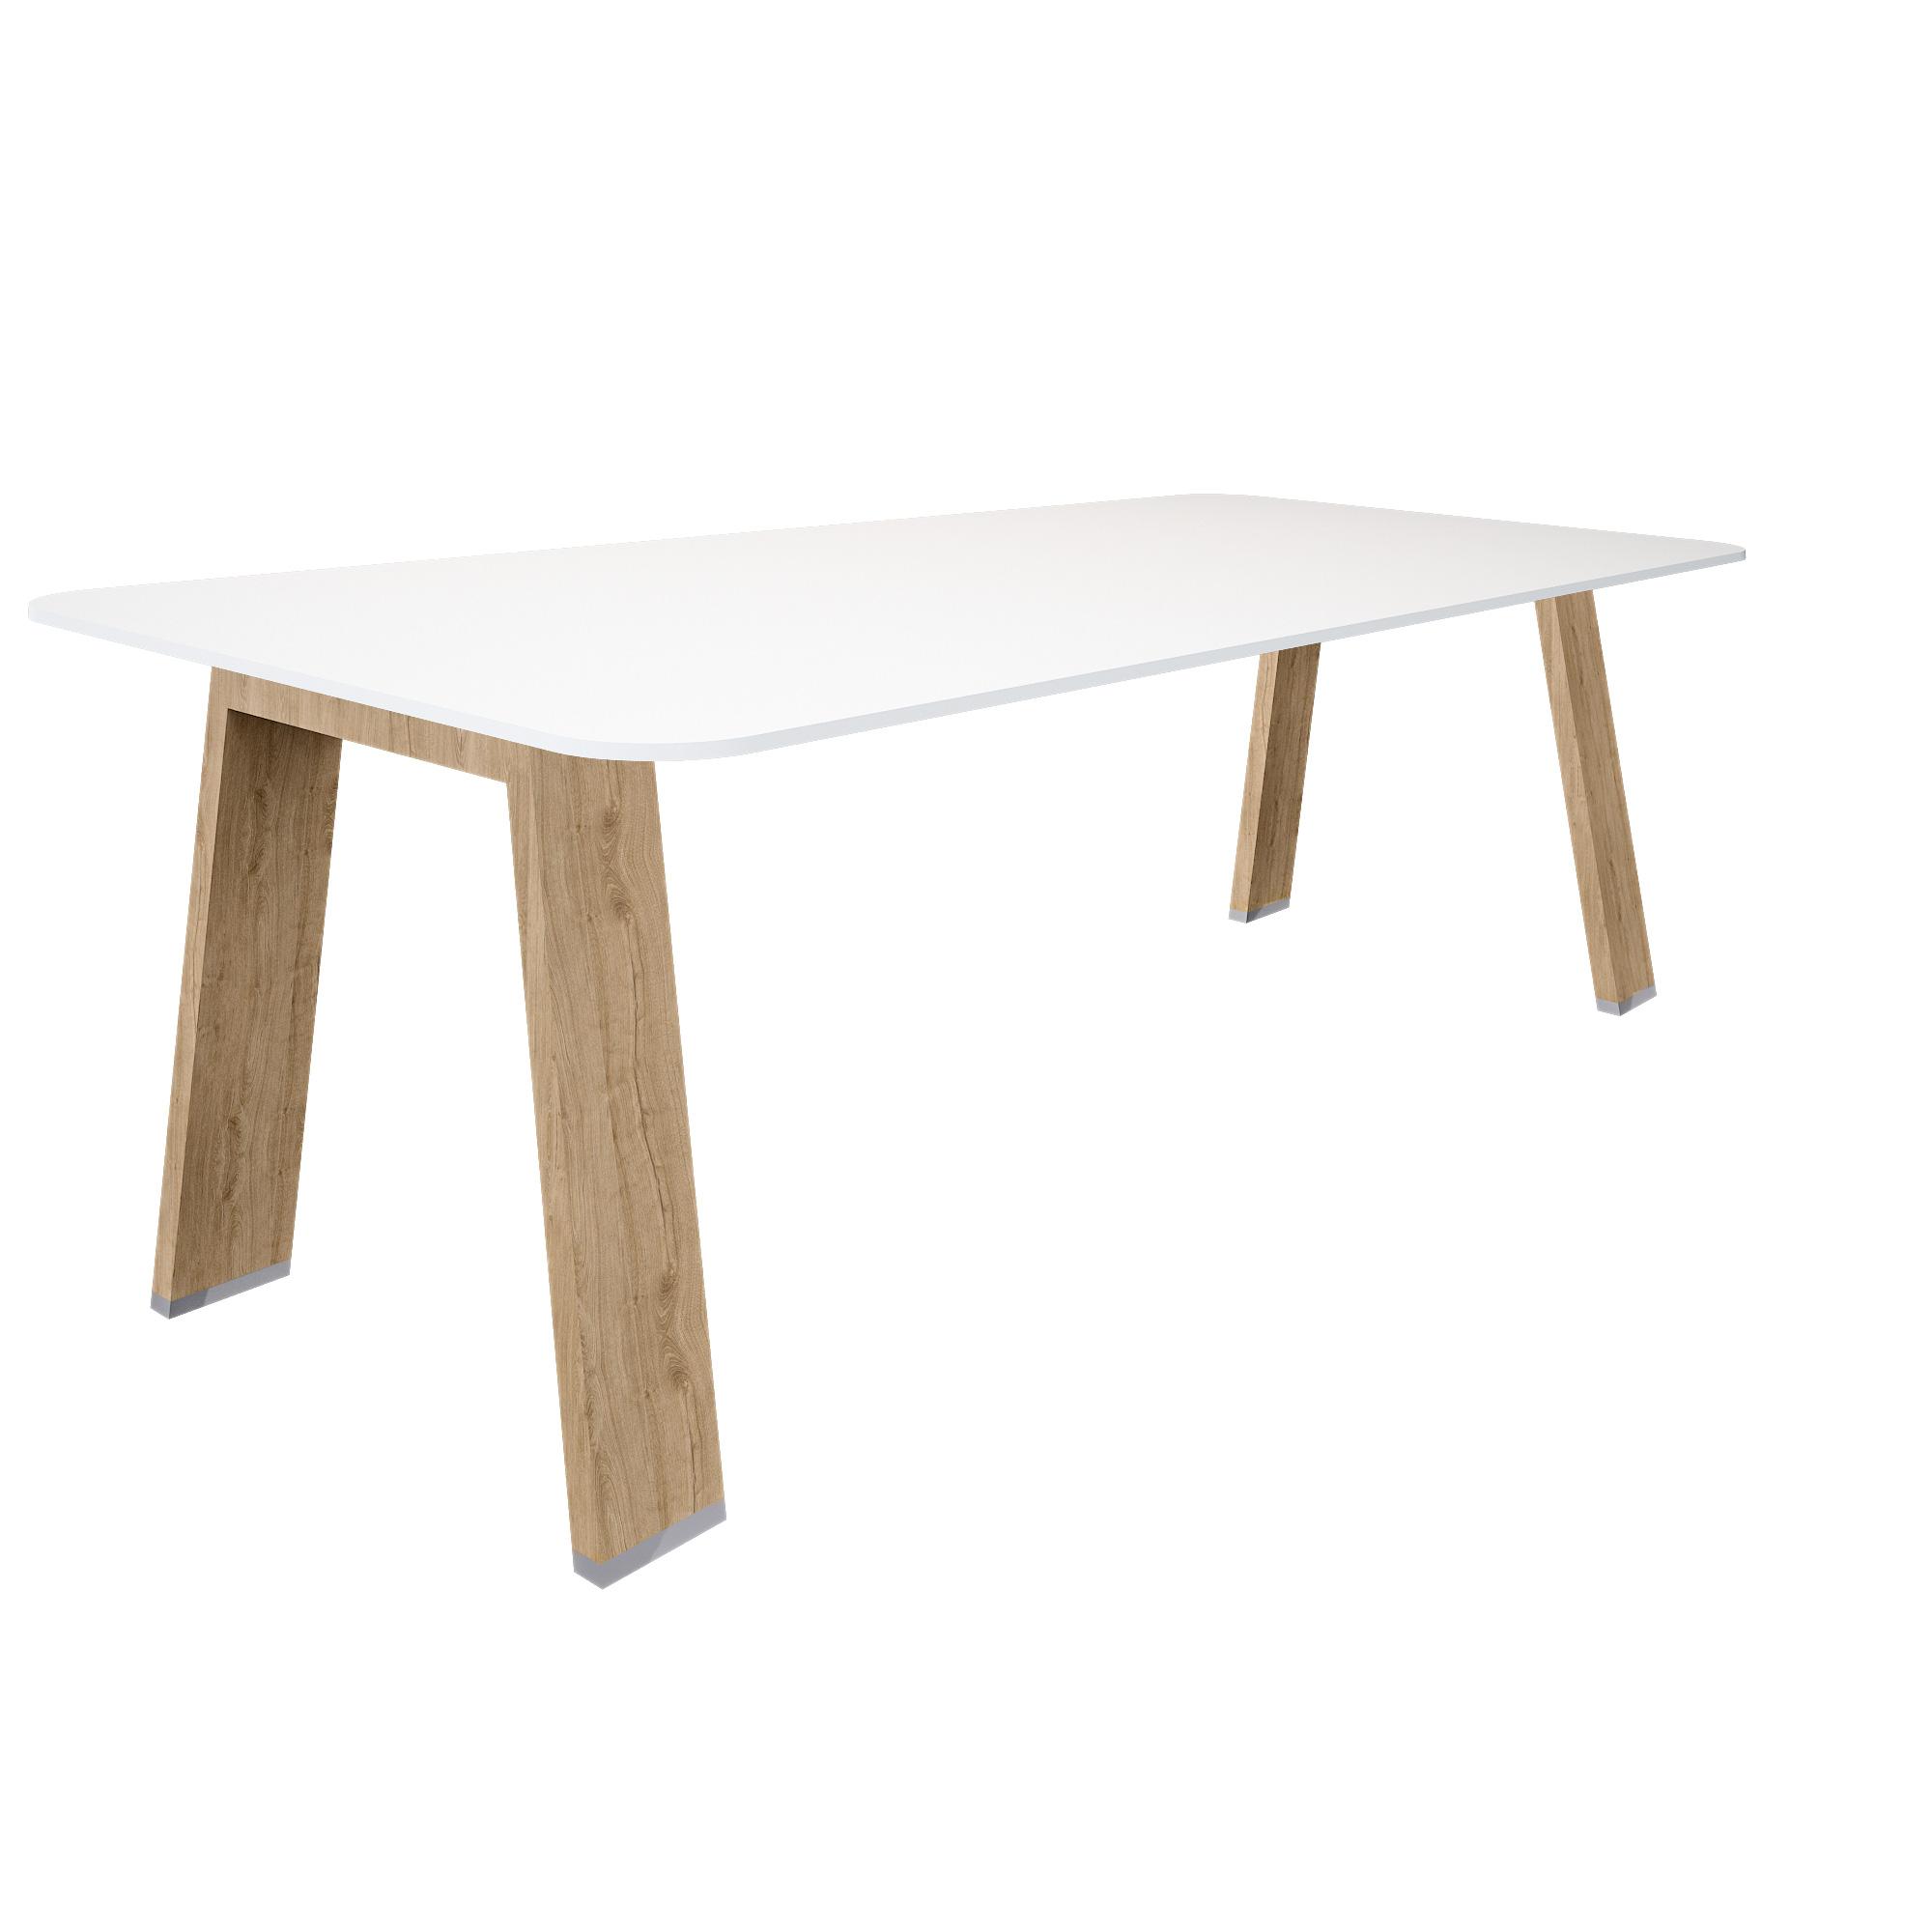 Schreibtisch Besprechungstisch Tisch Take Off Country Größe & Farbe wählbar